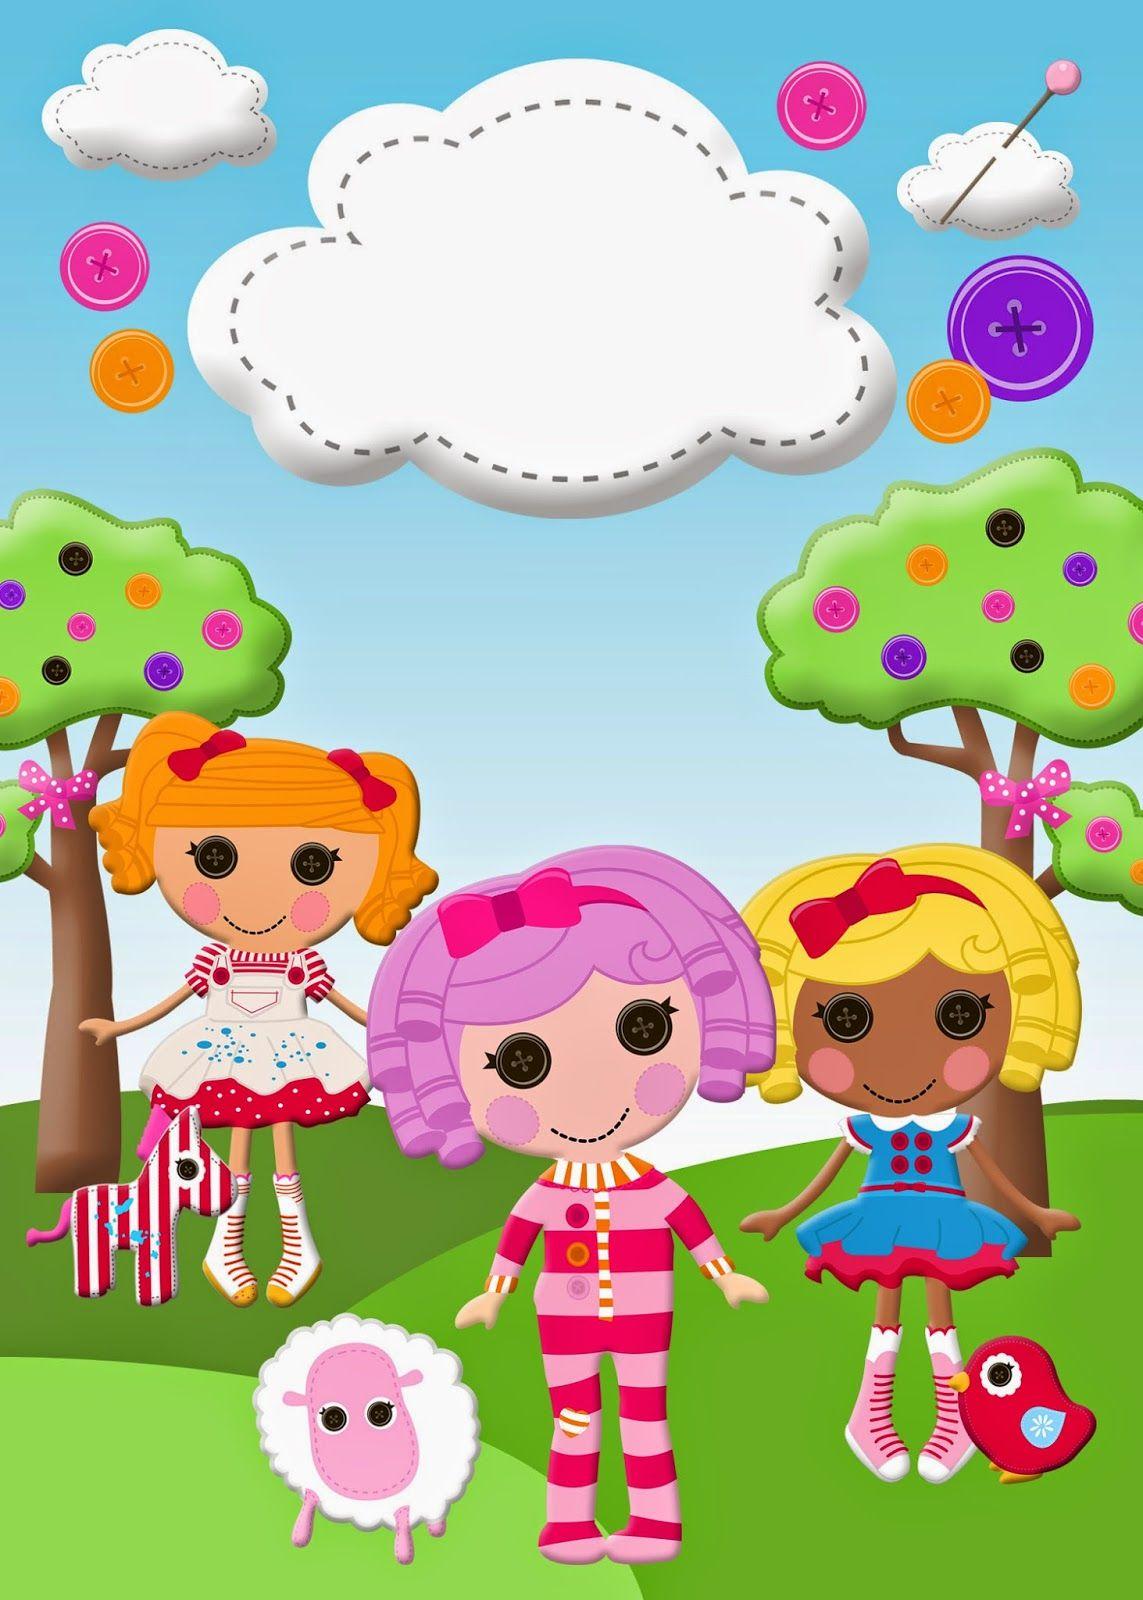 Pin by Marina on Lalaloopsy Pinterest – Lalaloopsy Birthday Invitation